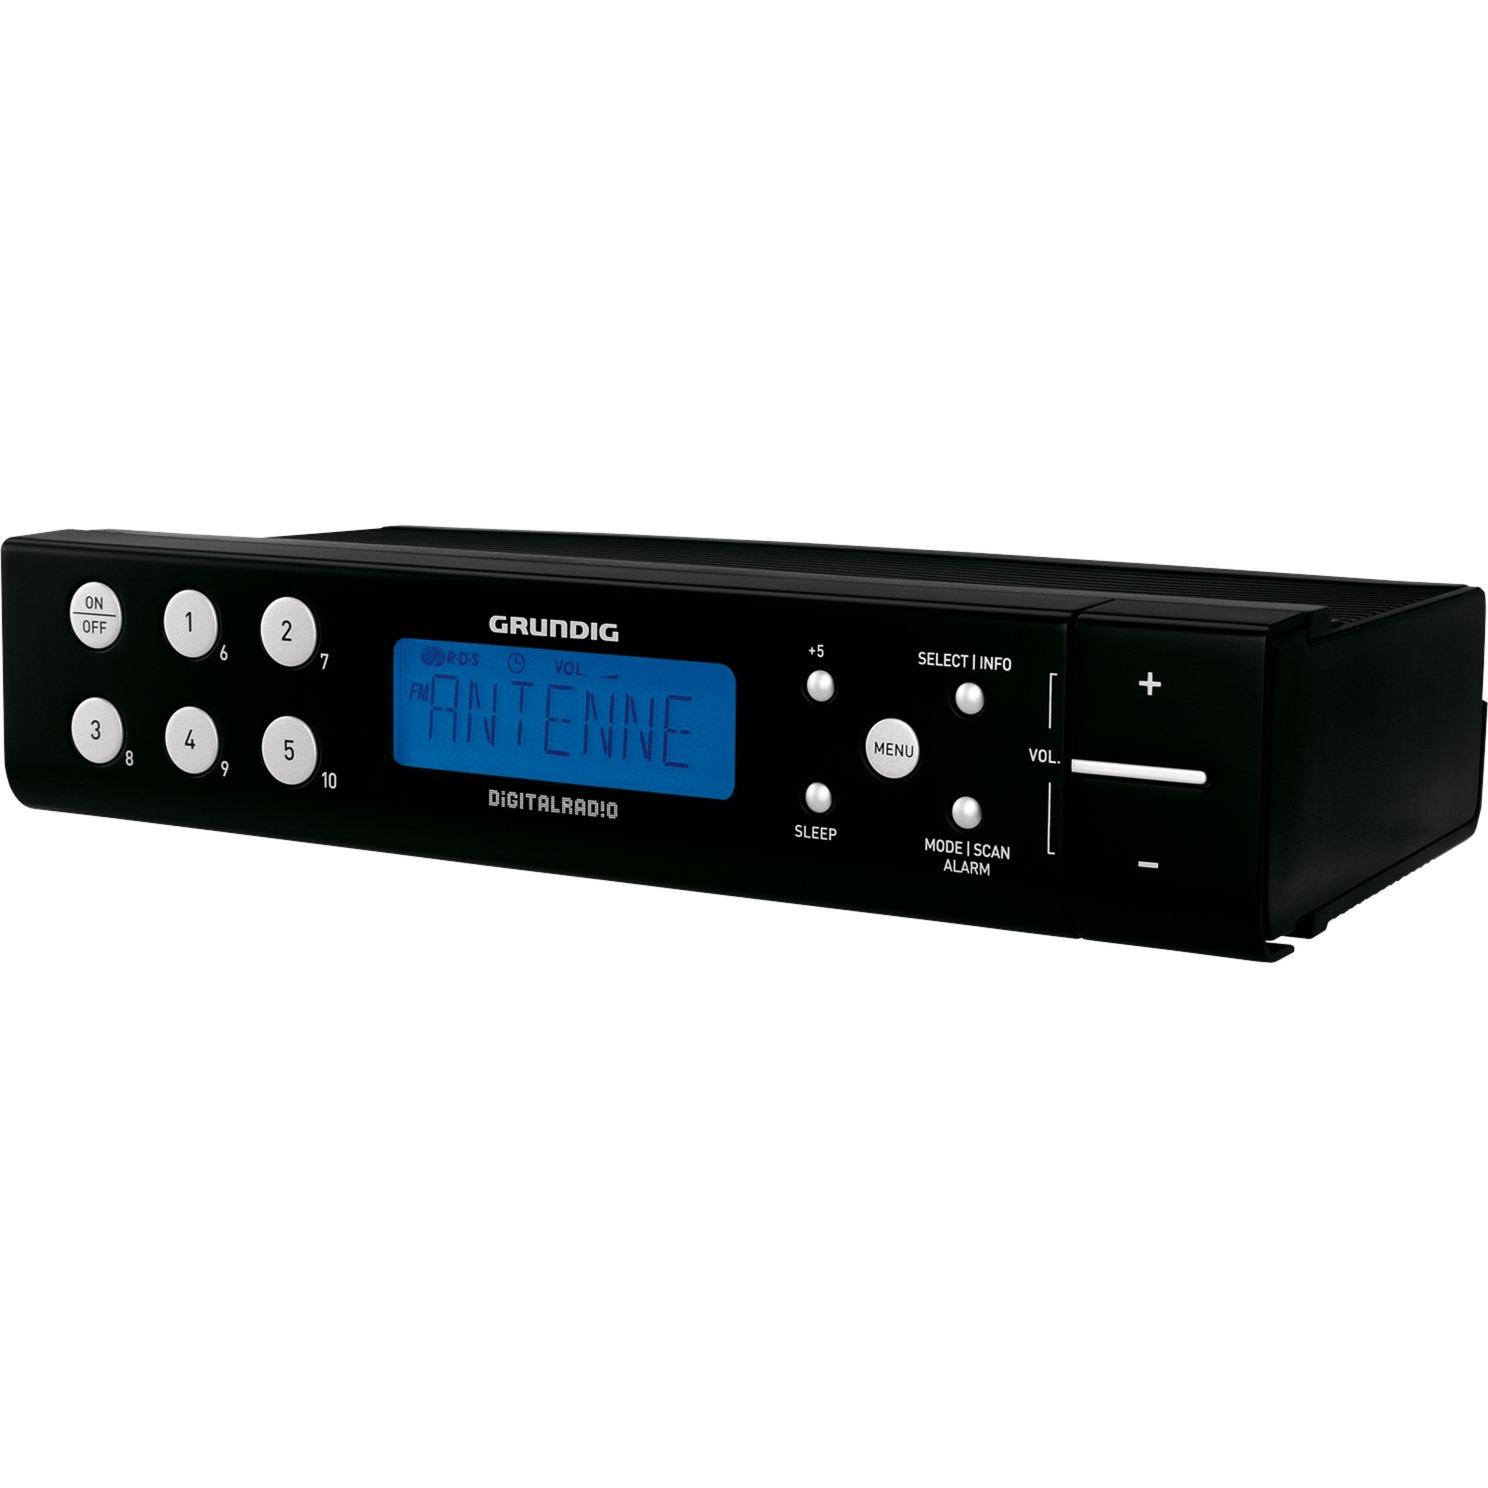 DKR 700 DAB+ Horloge Analogique et numérique Noir Radio portable